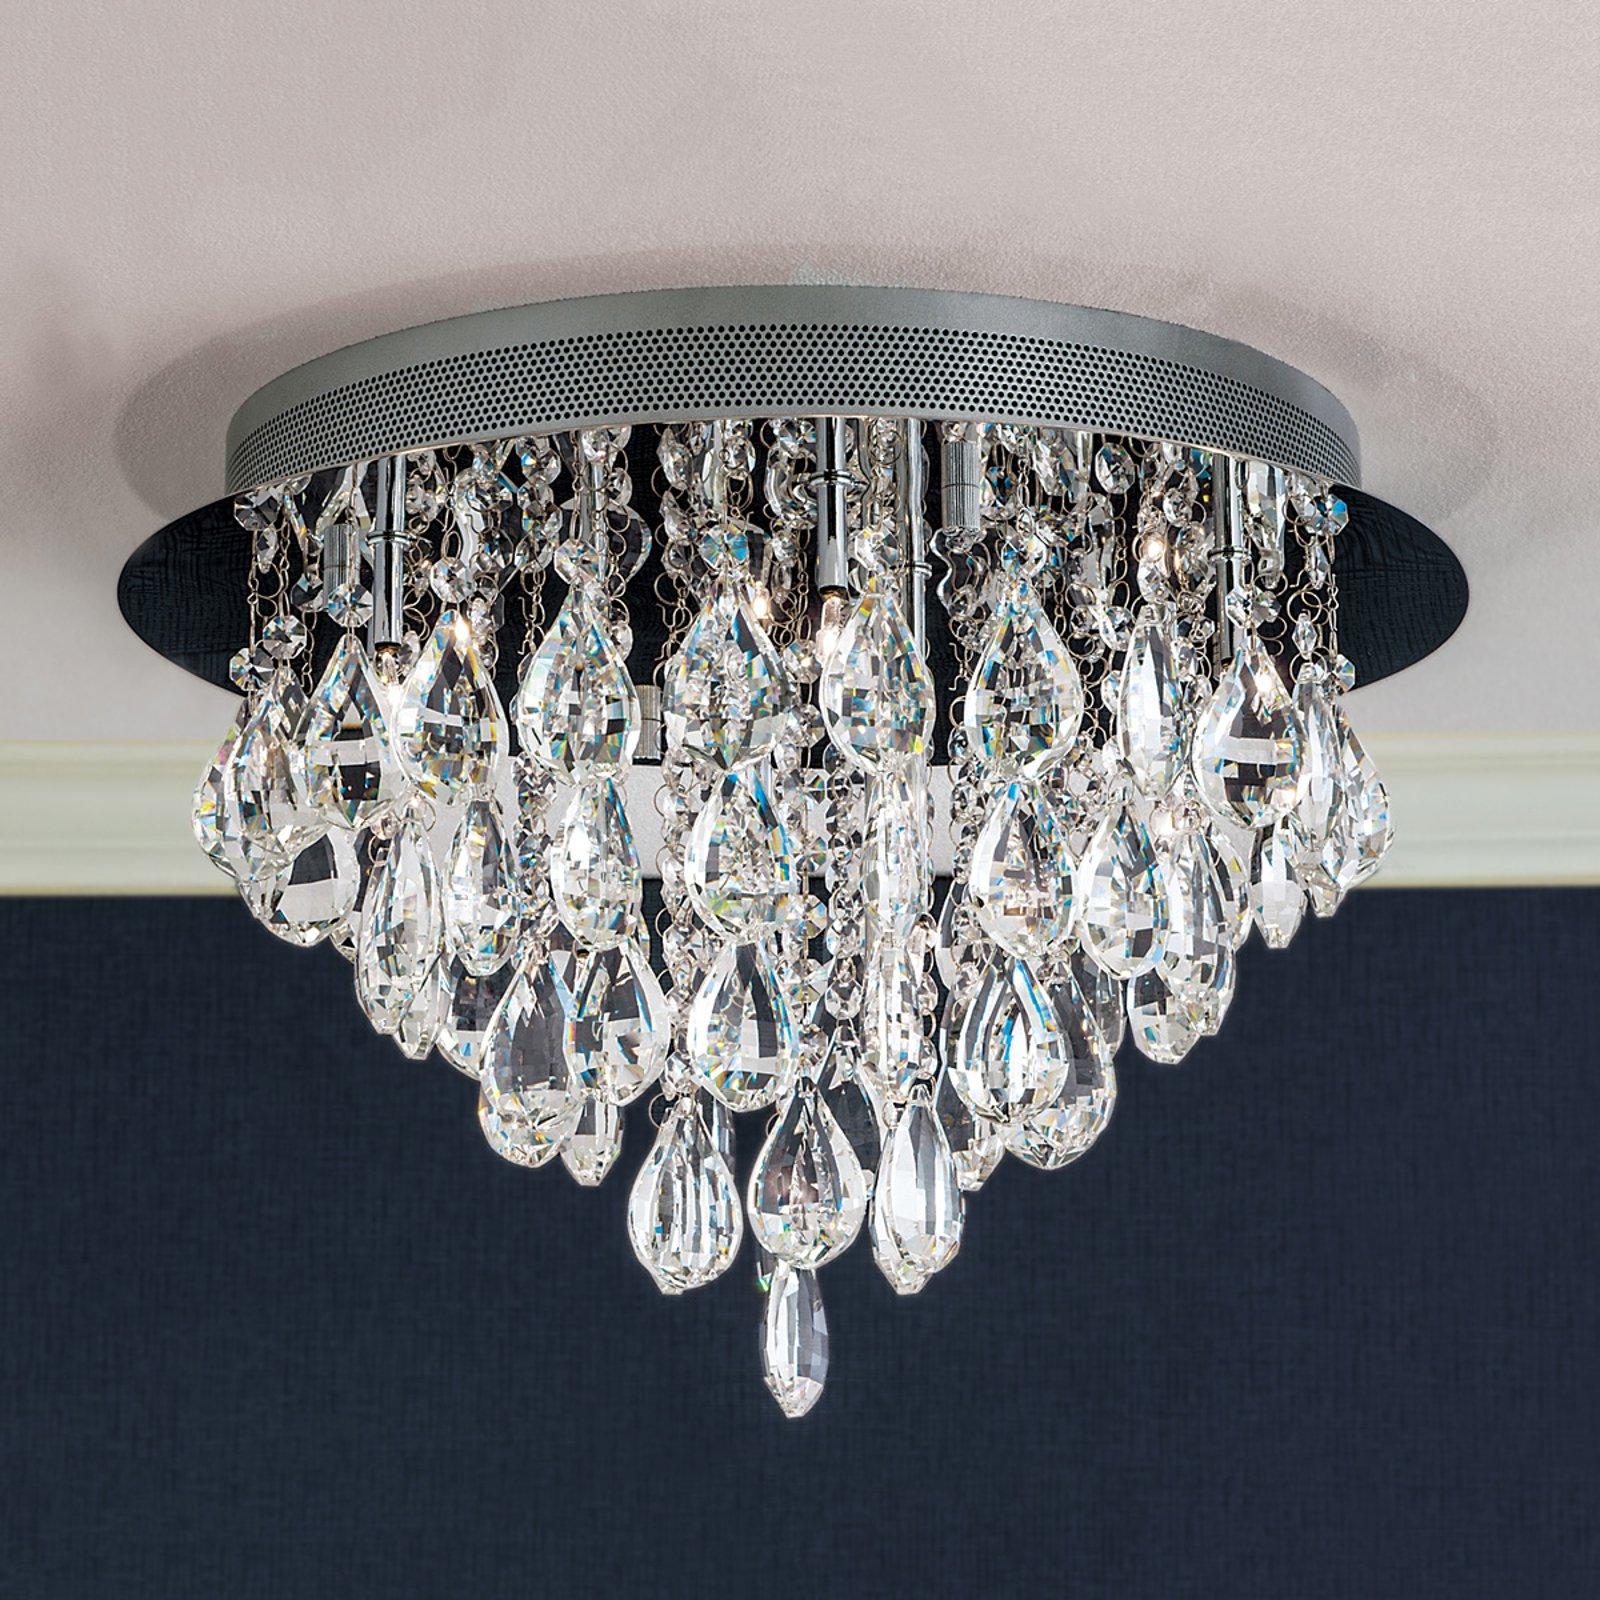 HELENE taklampe med blykrystaller 45 cm